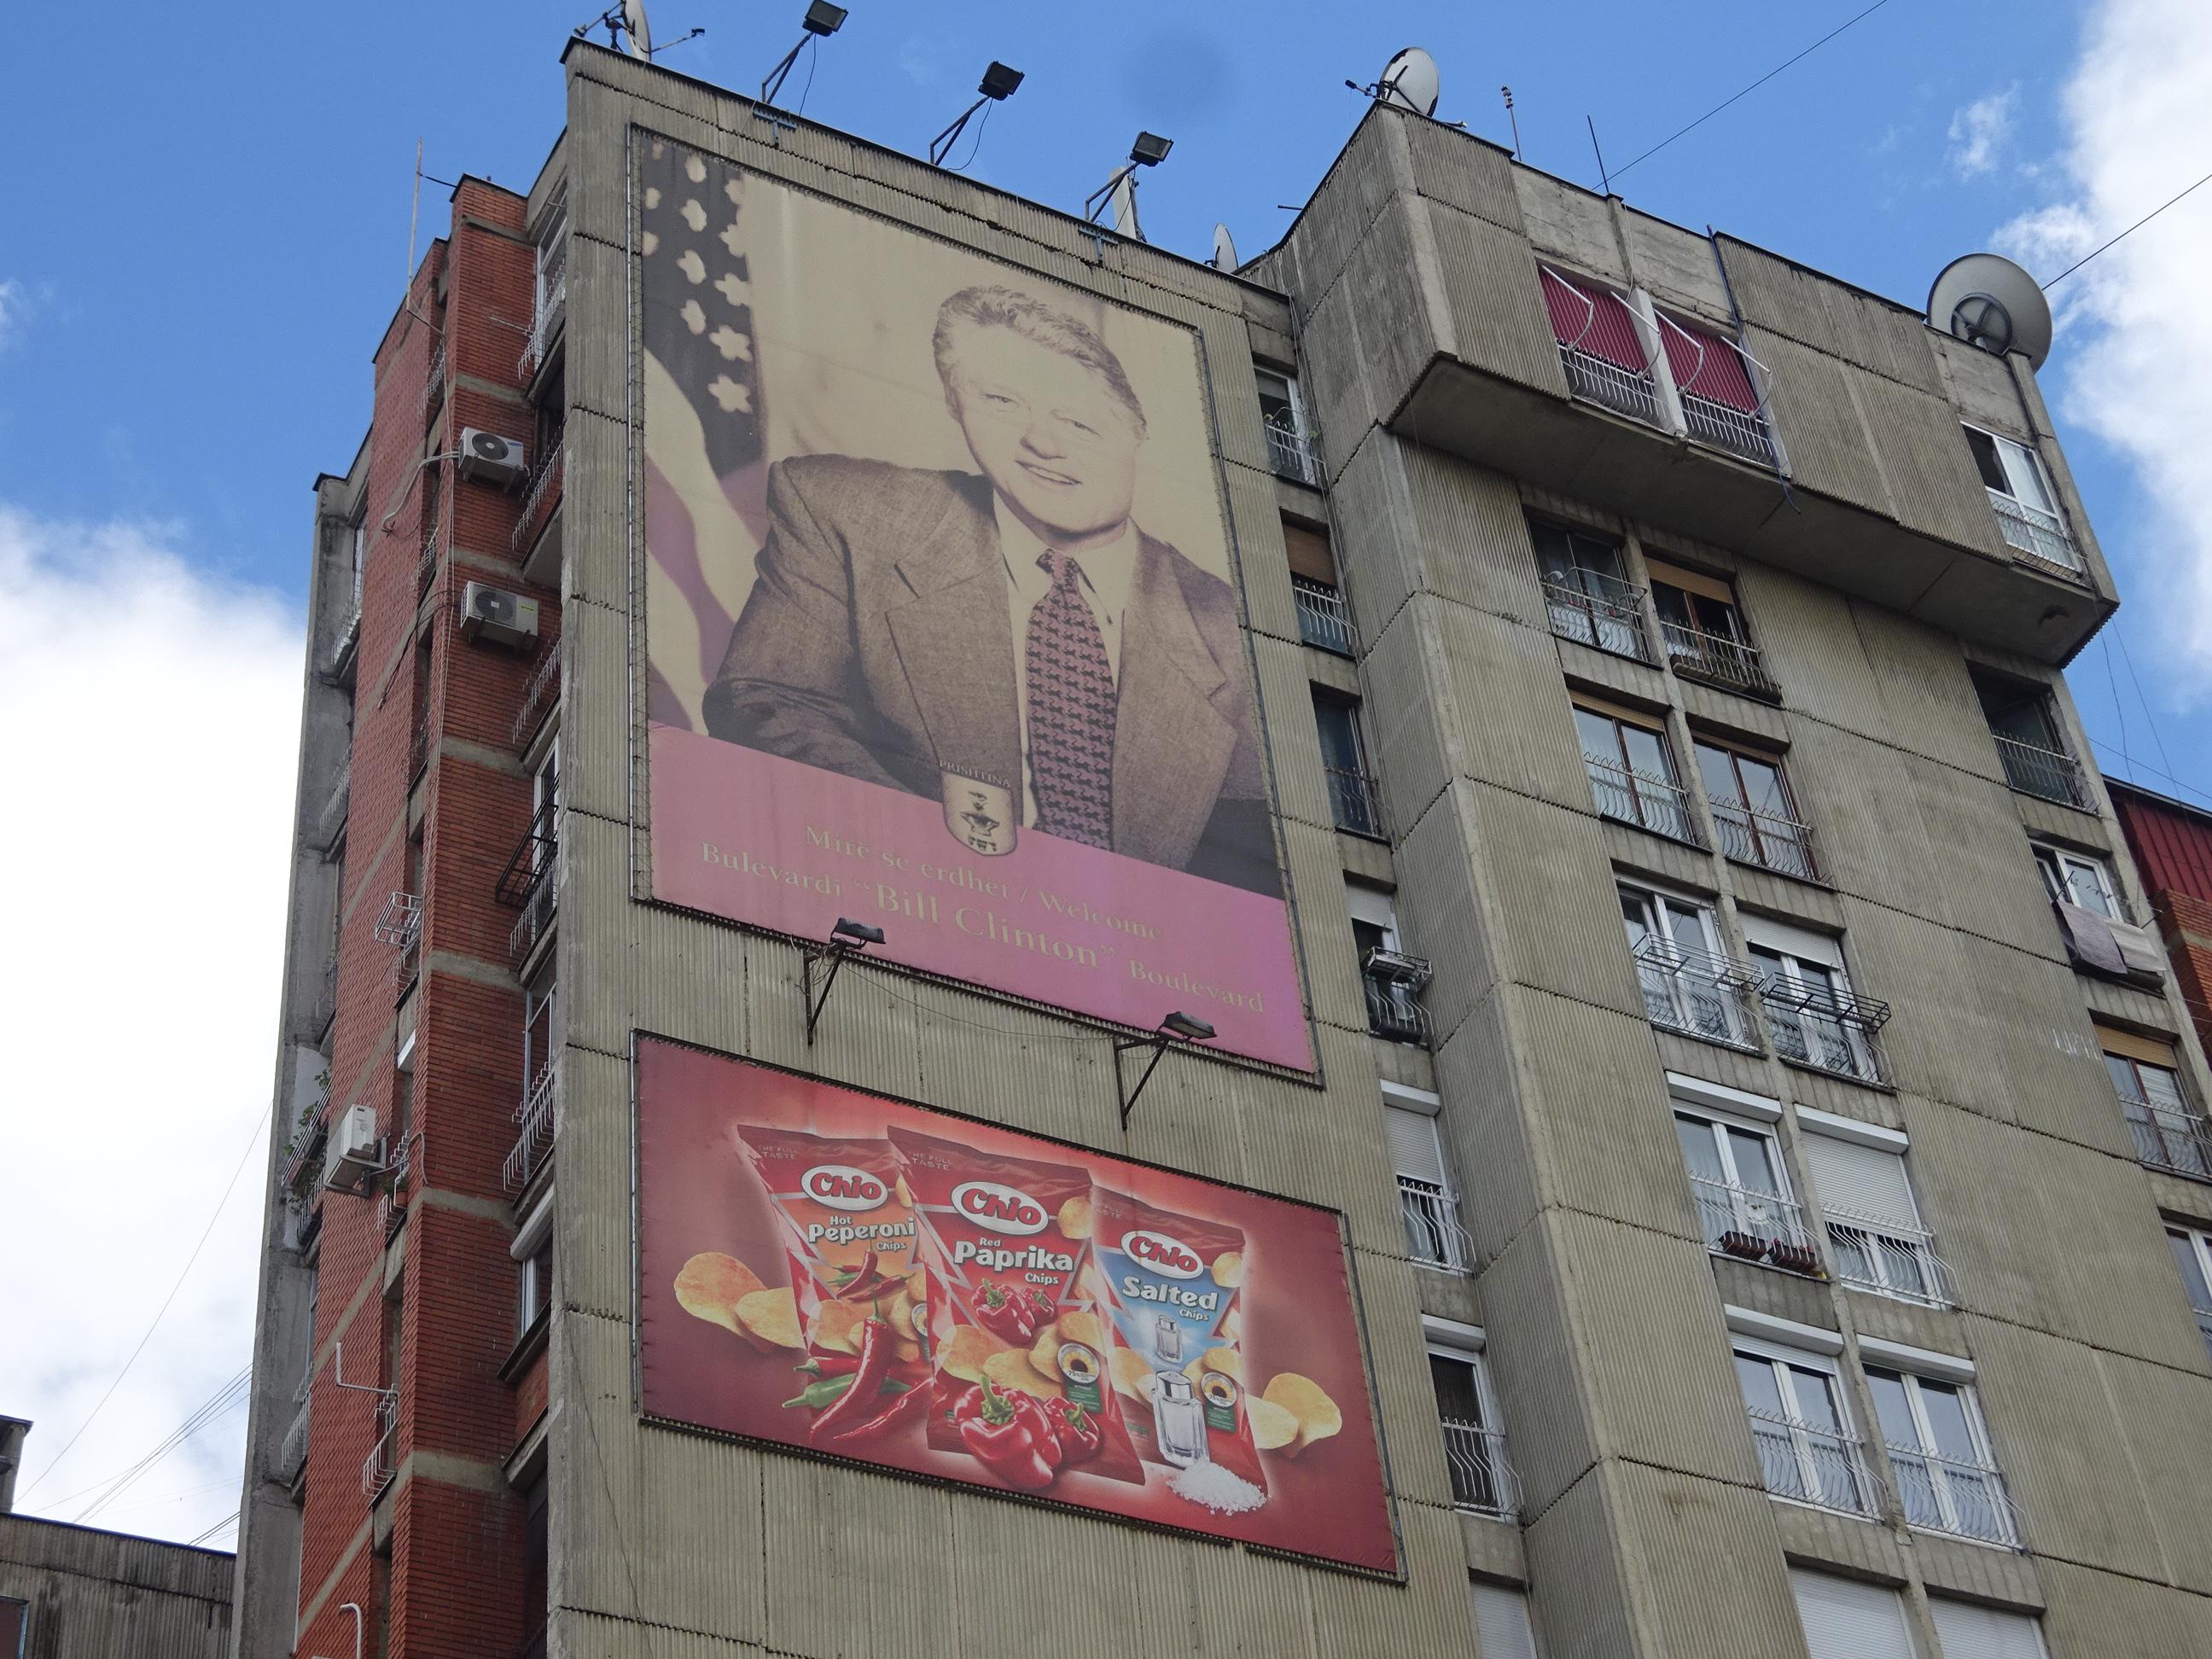 コソボの首都プリシュティナ観光スポット・クリントンの壁画